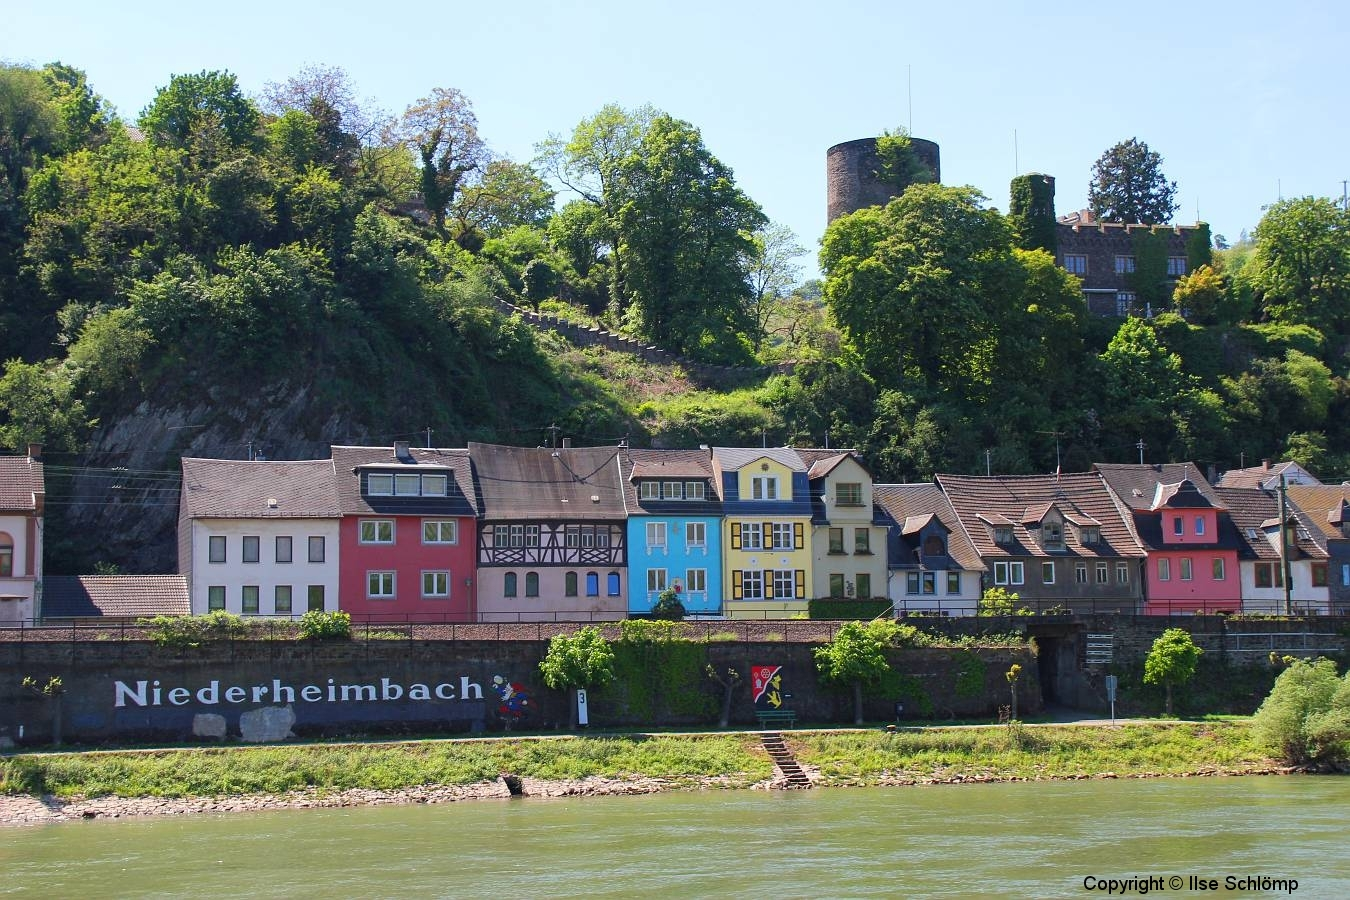 Heimburg, Niederheimbach, Rheinland-Pfalz